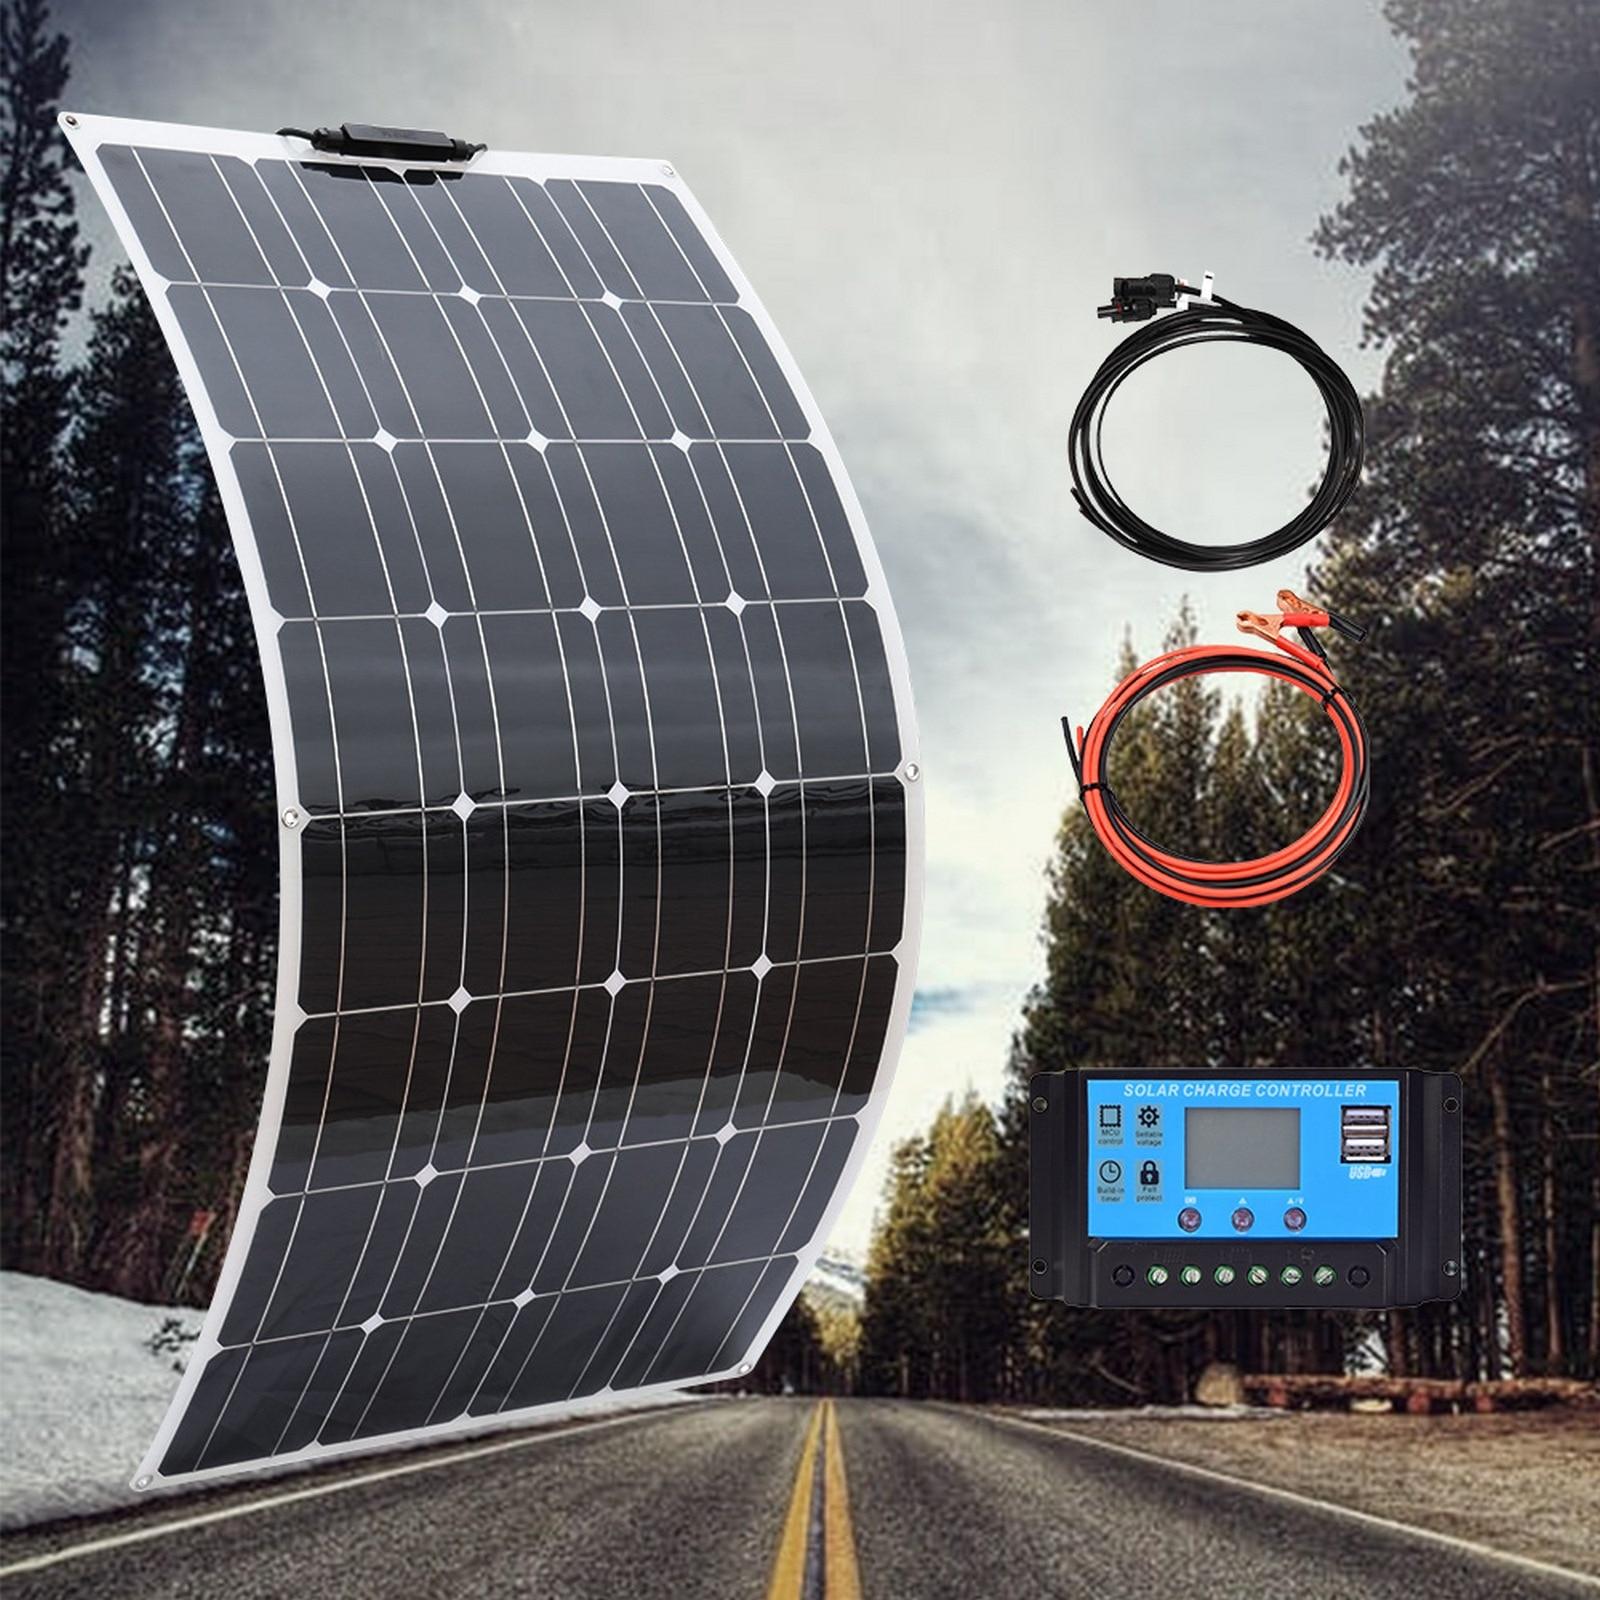 مجموعة اللوحة الشمسية و 50 واط 100 واط لوحات شمسية مرنة 12 فولت 24 فولت شاحن بطارية عالية الكفاءة وحدة ل شاحن بطارية